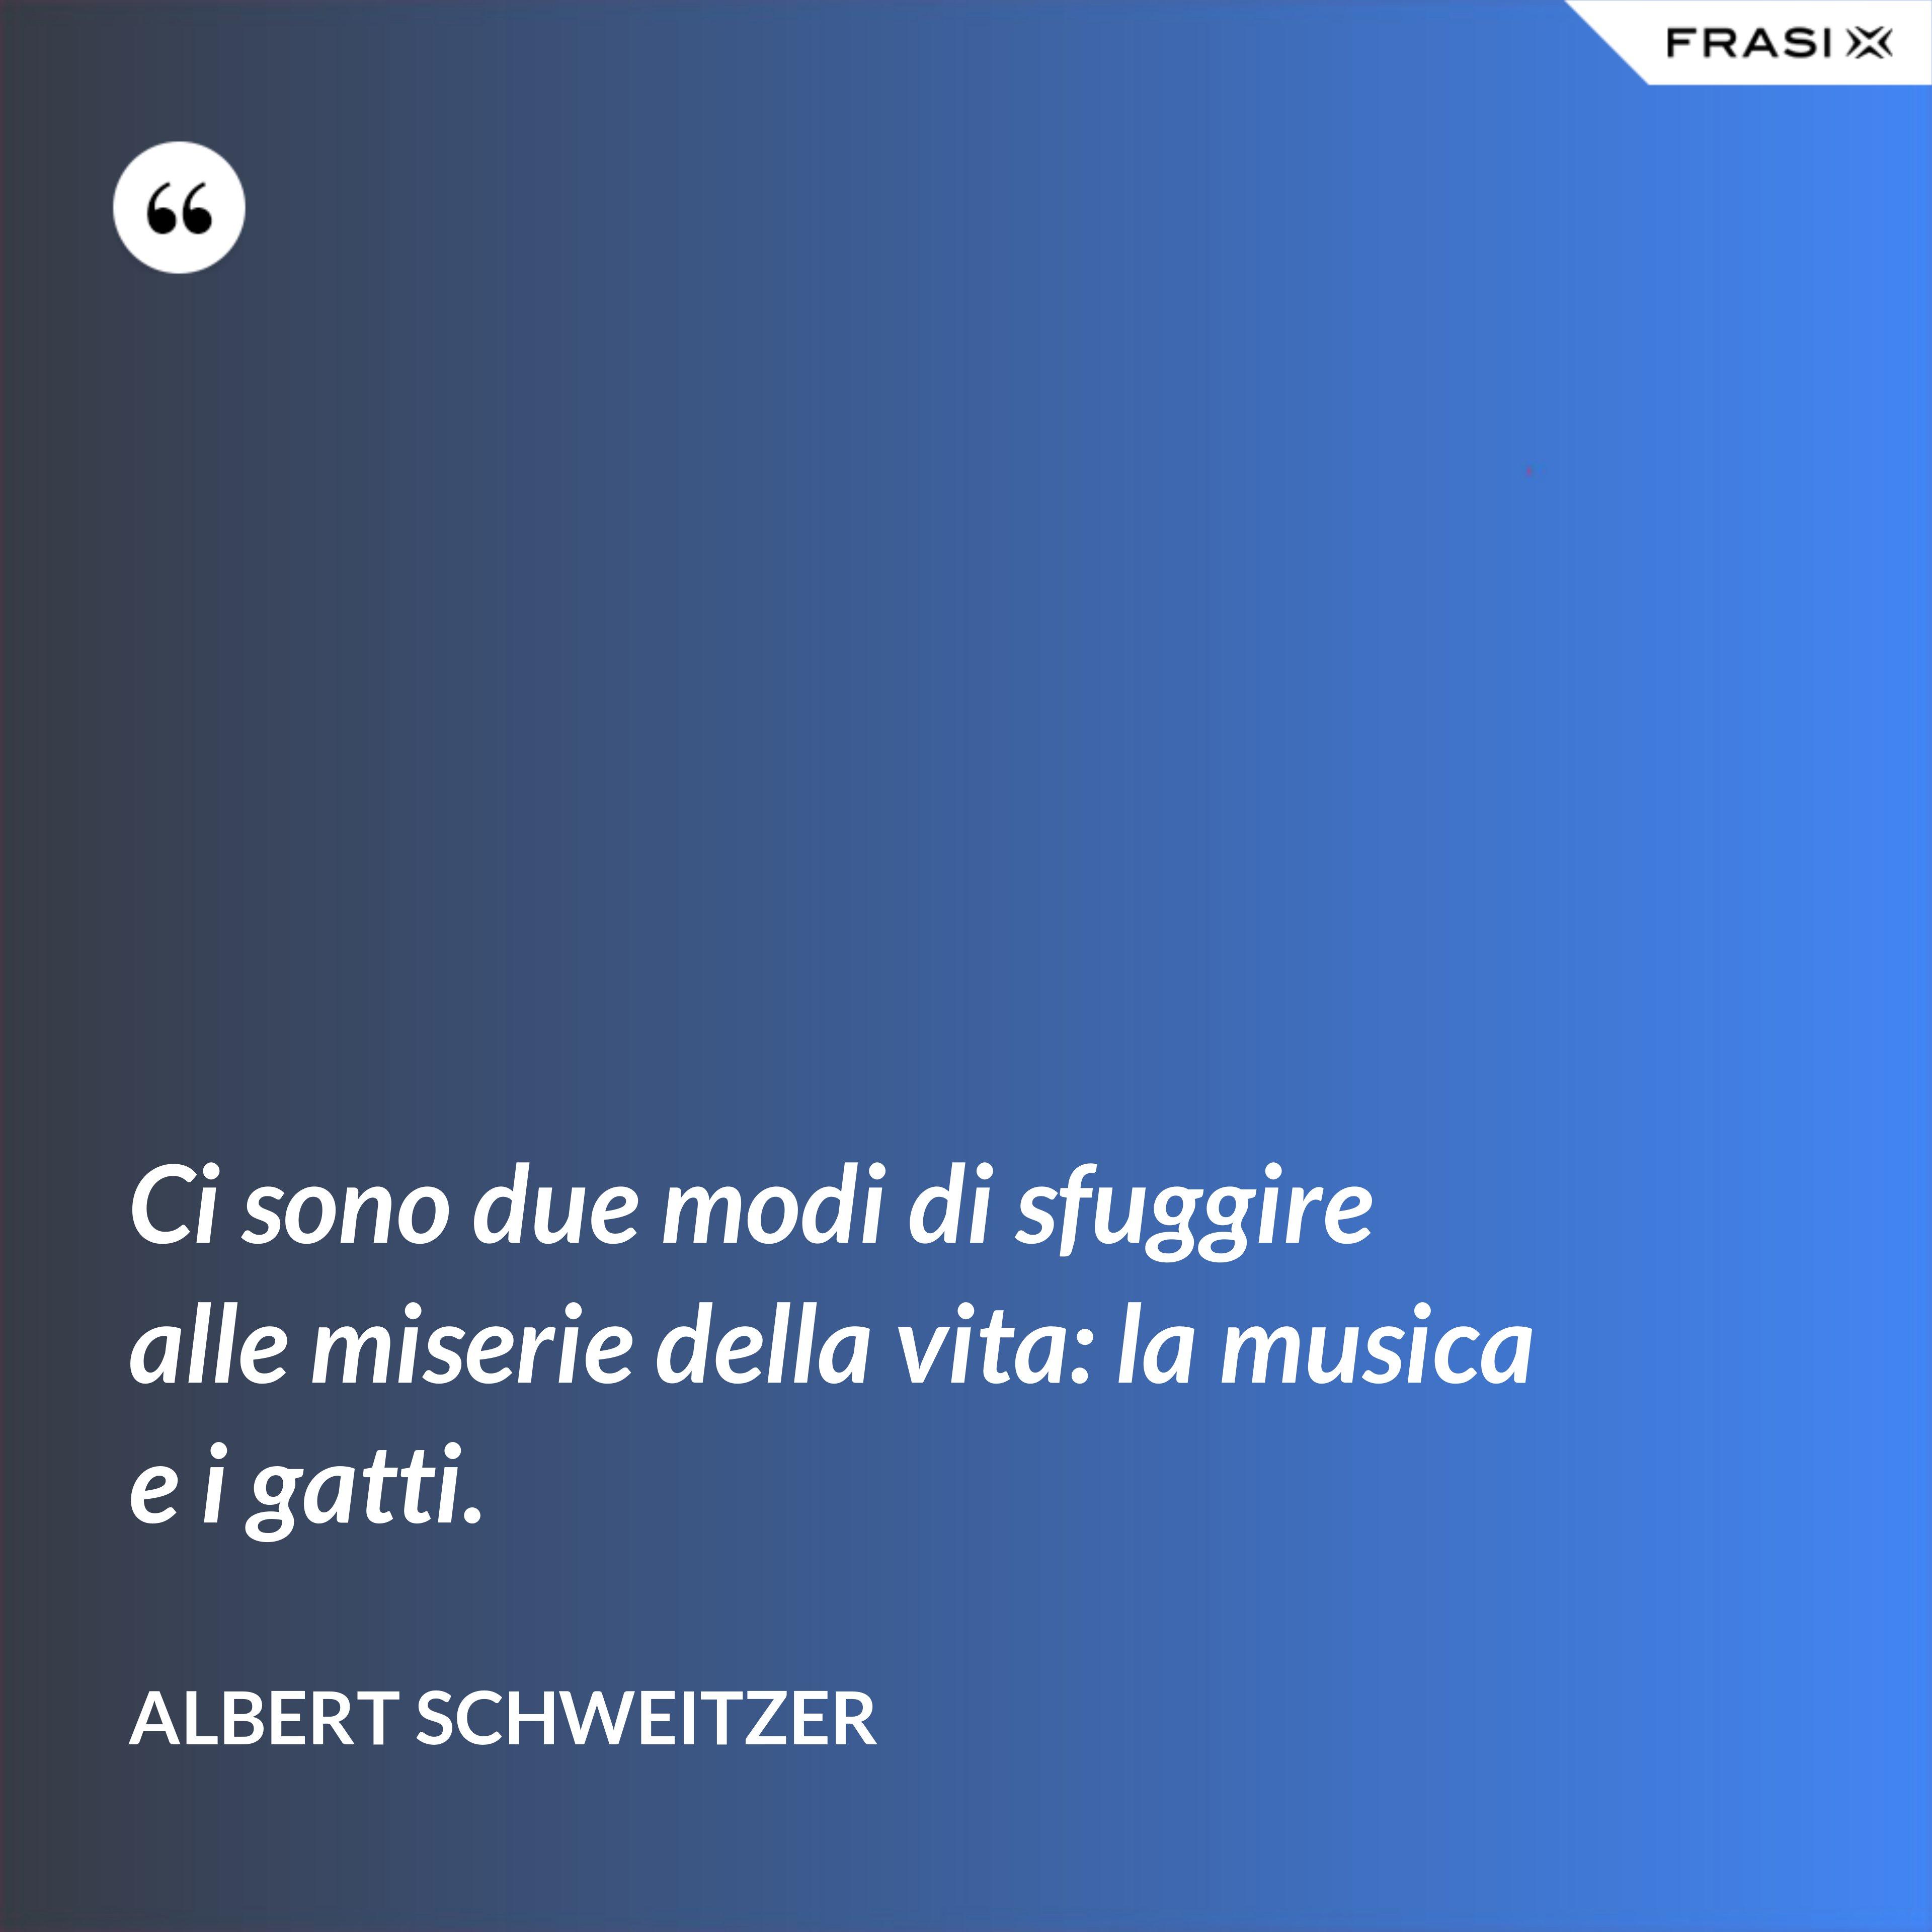 Ci sono due modi di sfuggire alle miserie della vita: la musica e i gatti. - Albert Schweitzer